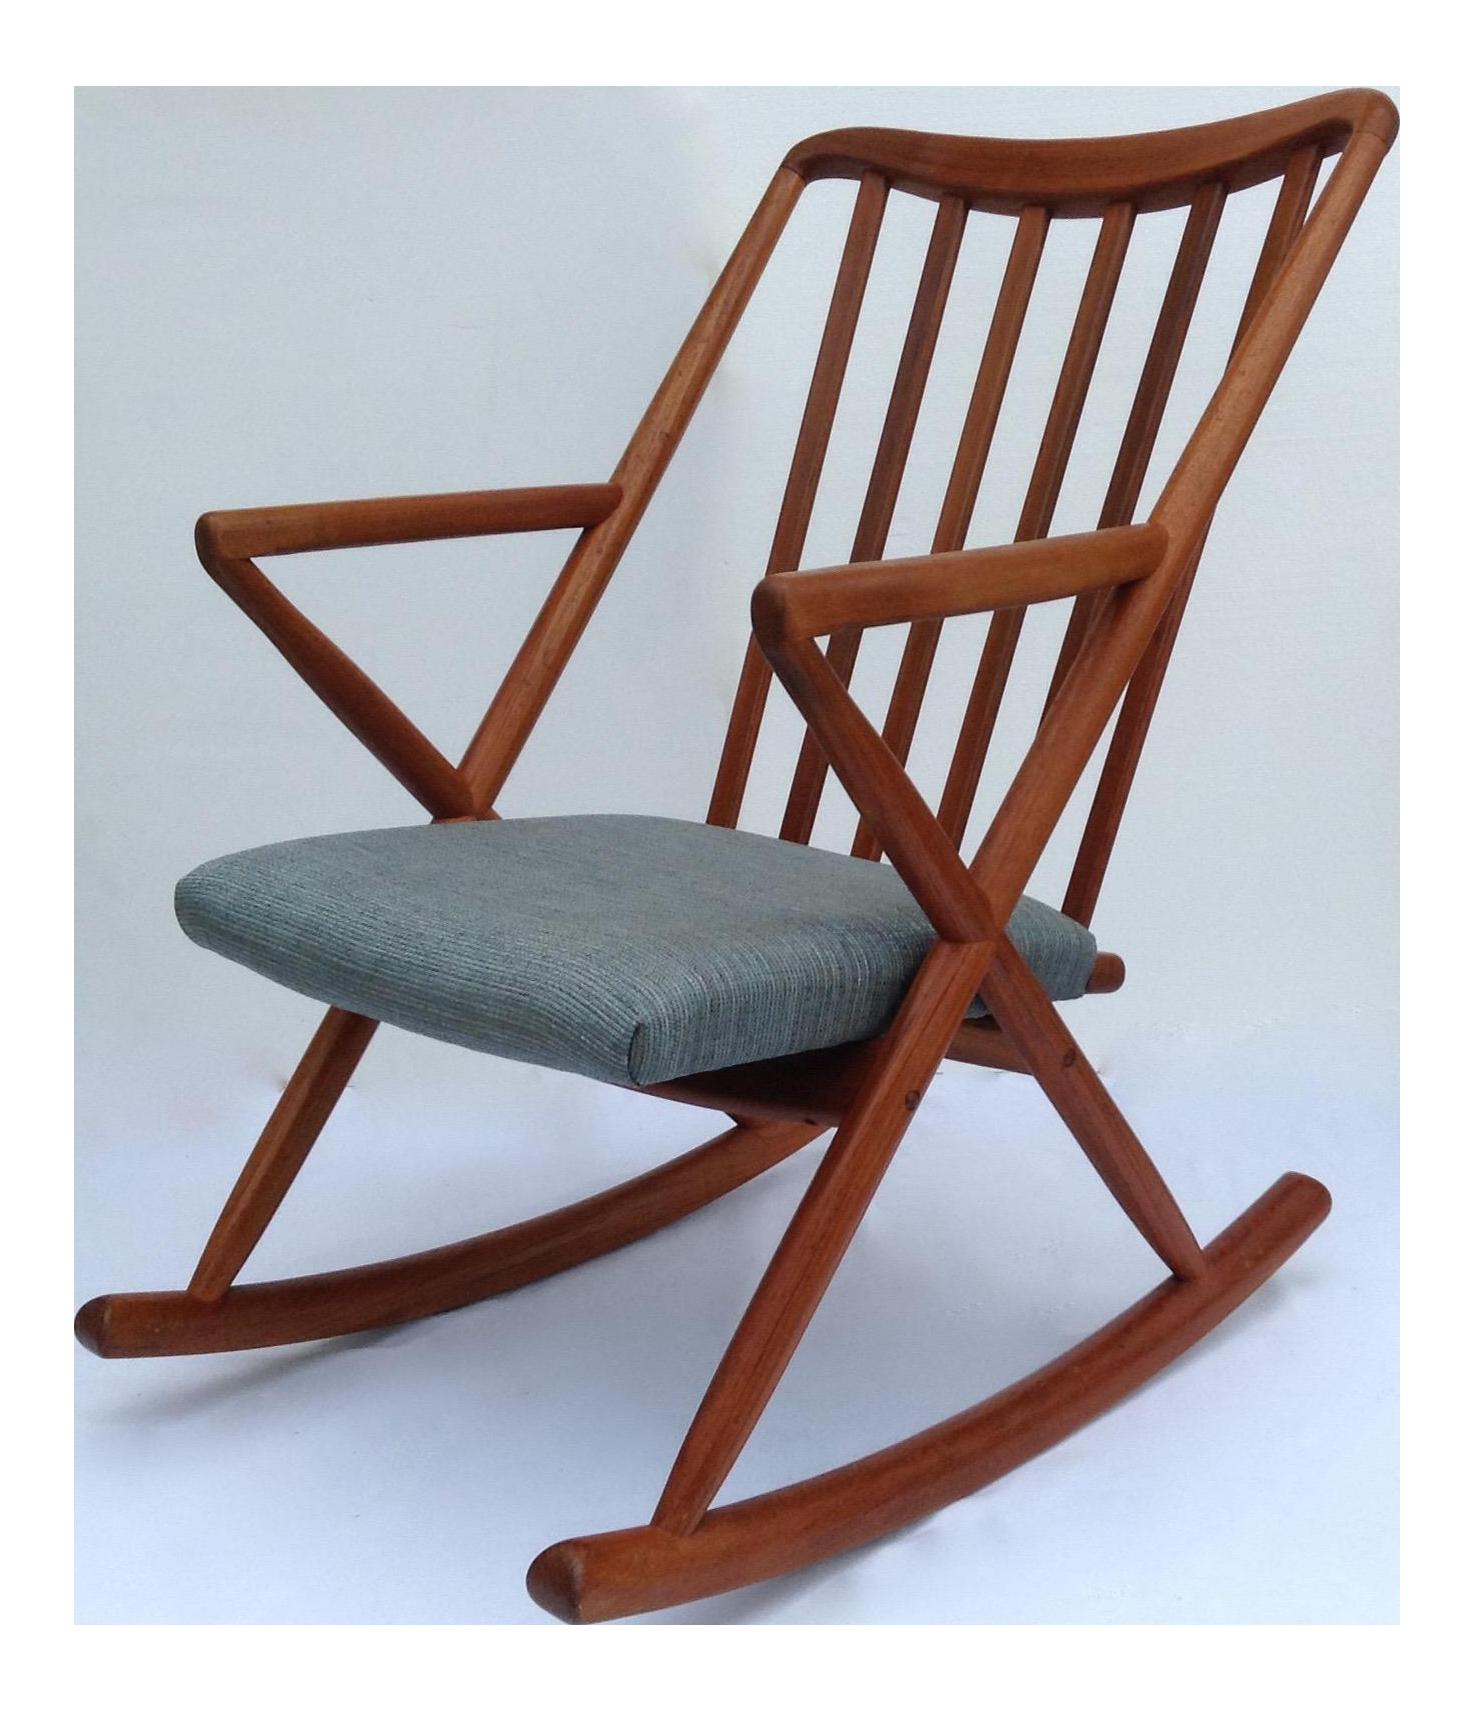 chair mid norwegian century chairish product rocking